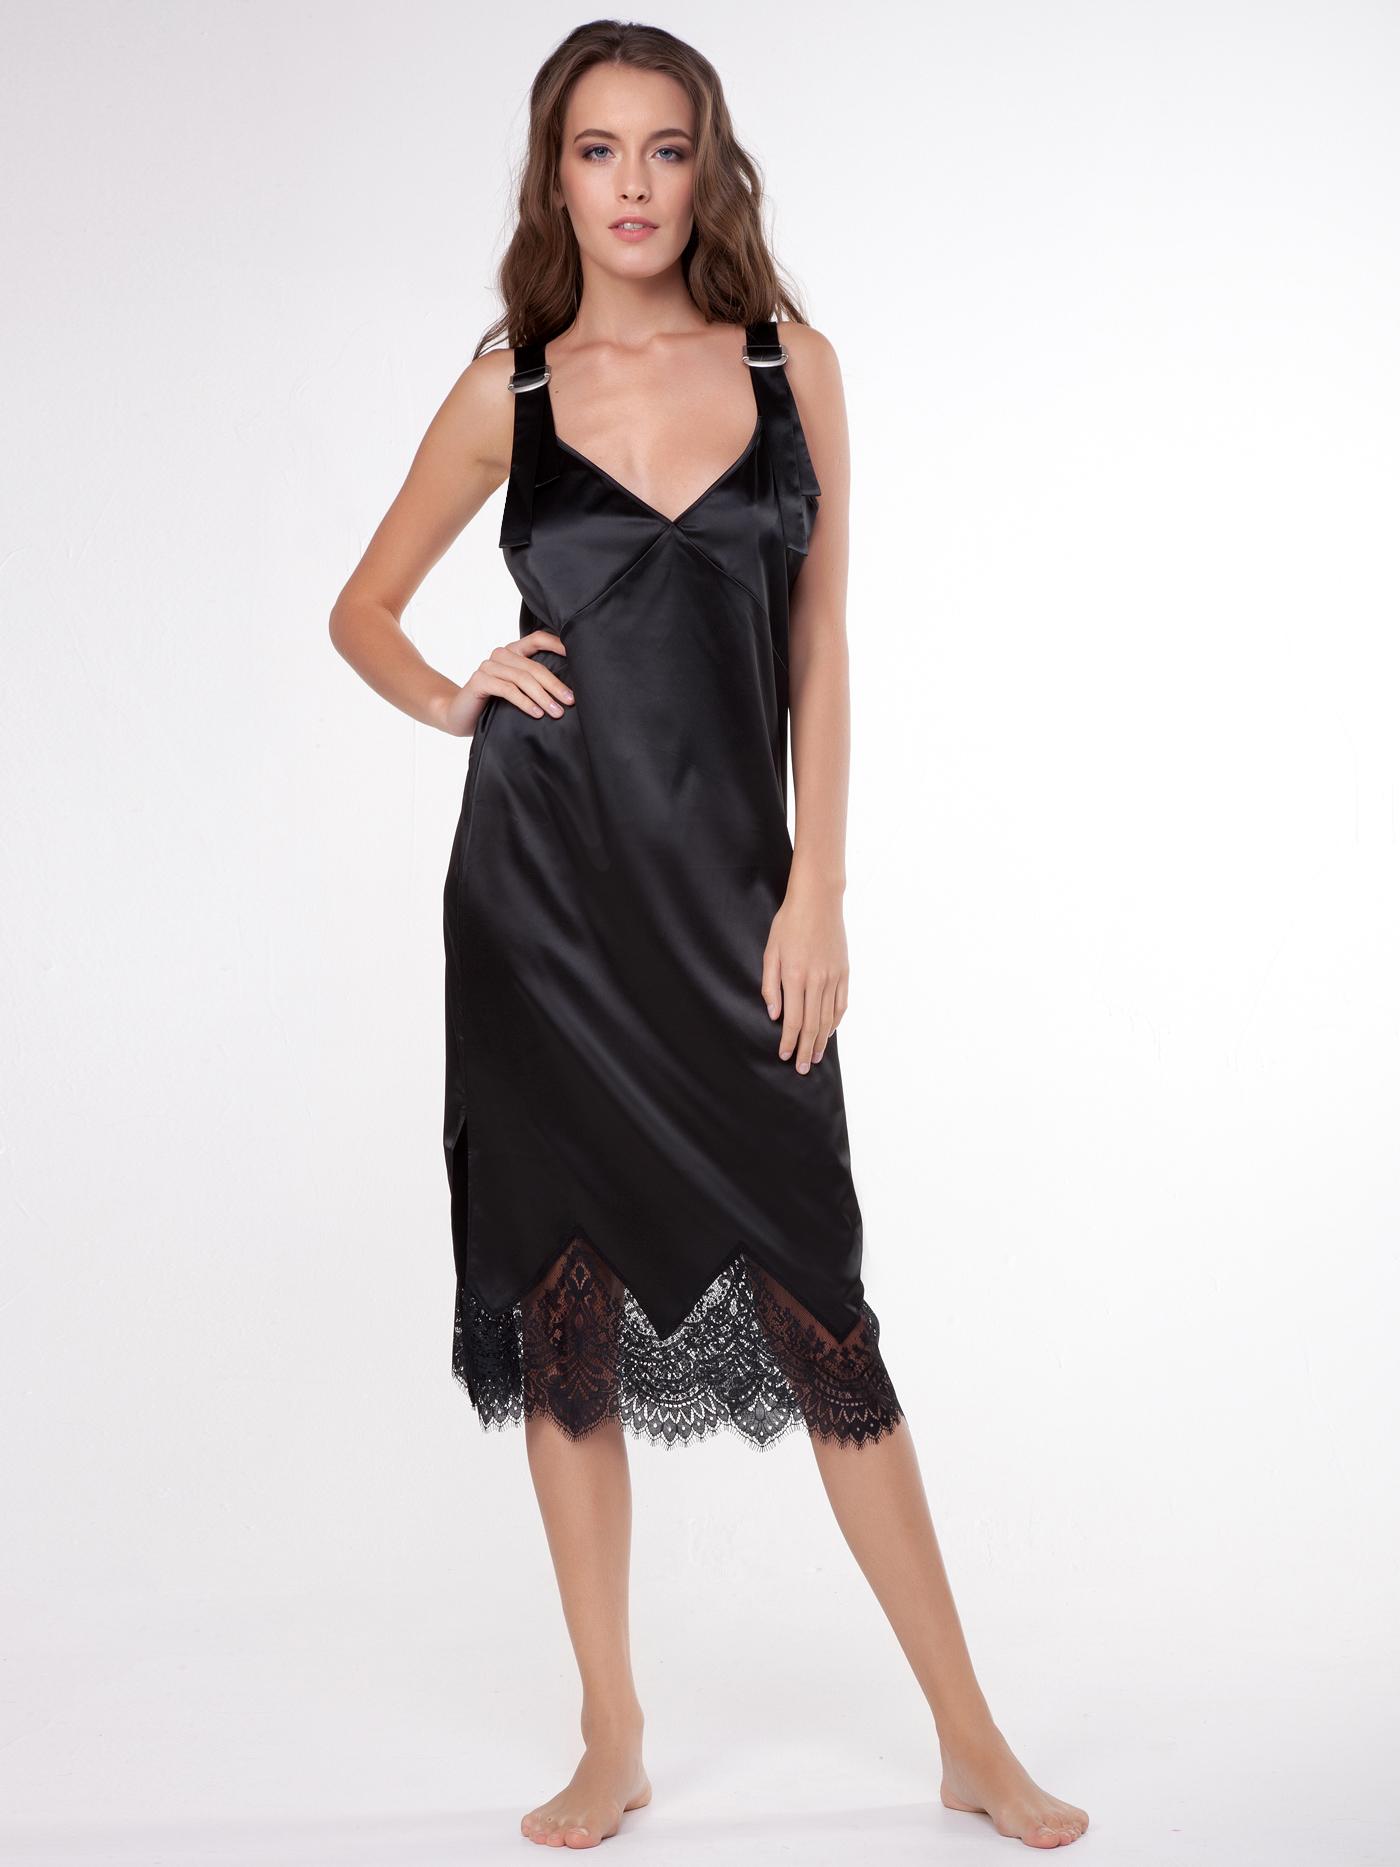 Платье mysticite satin outБюстье<br>платье<br><br>Цвет: Черный<br>Декор: Кружево<br>Стилистика: Без стилистики<br>Направление: Бюстье<br>Пол: Женский<br>Материал: 82% ПЭ; 10% ПА; 8% ЭЛ<br>Размер: 1